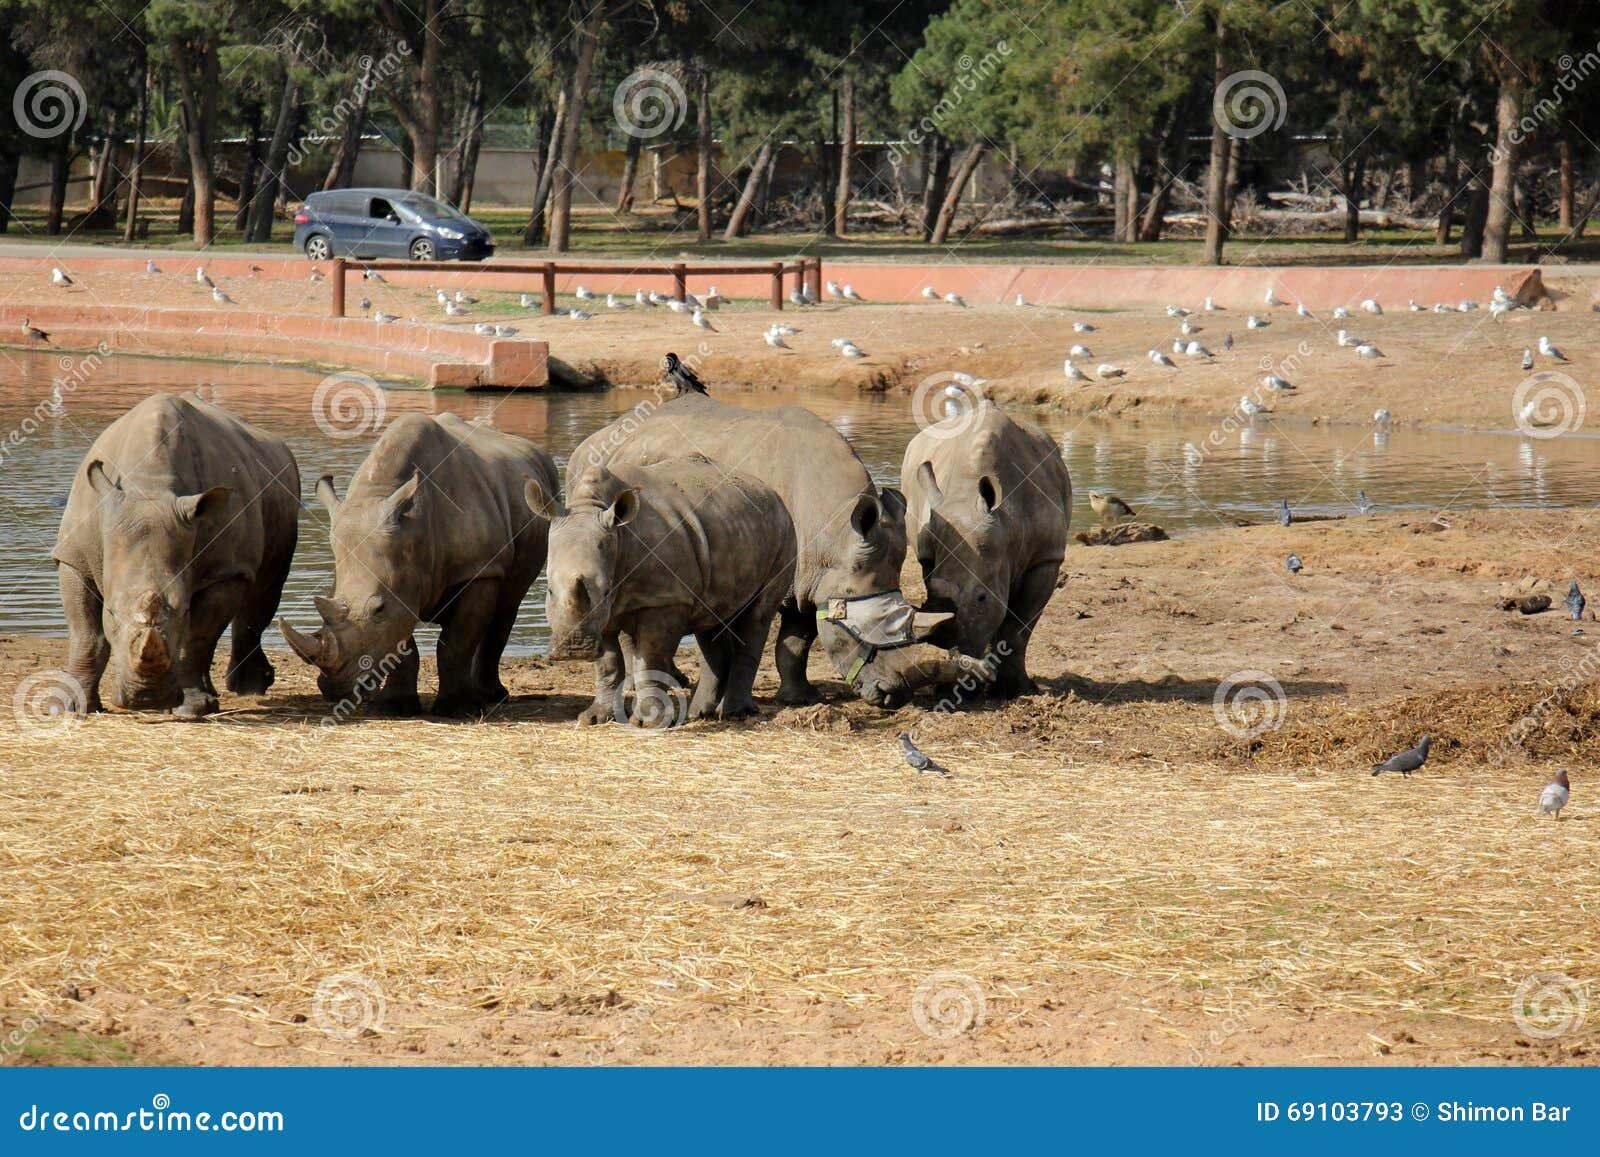 Rhino free safari